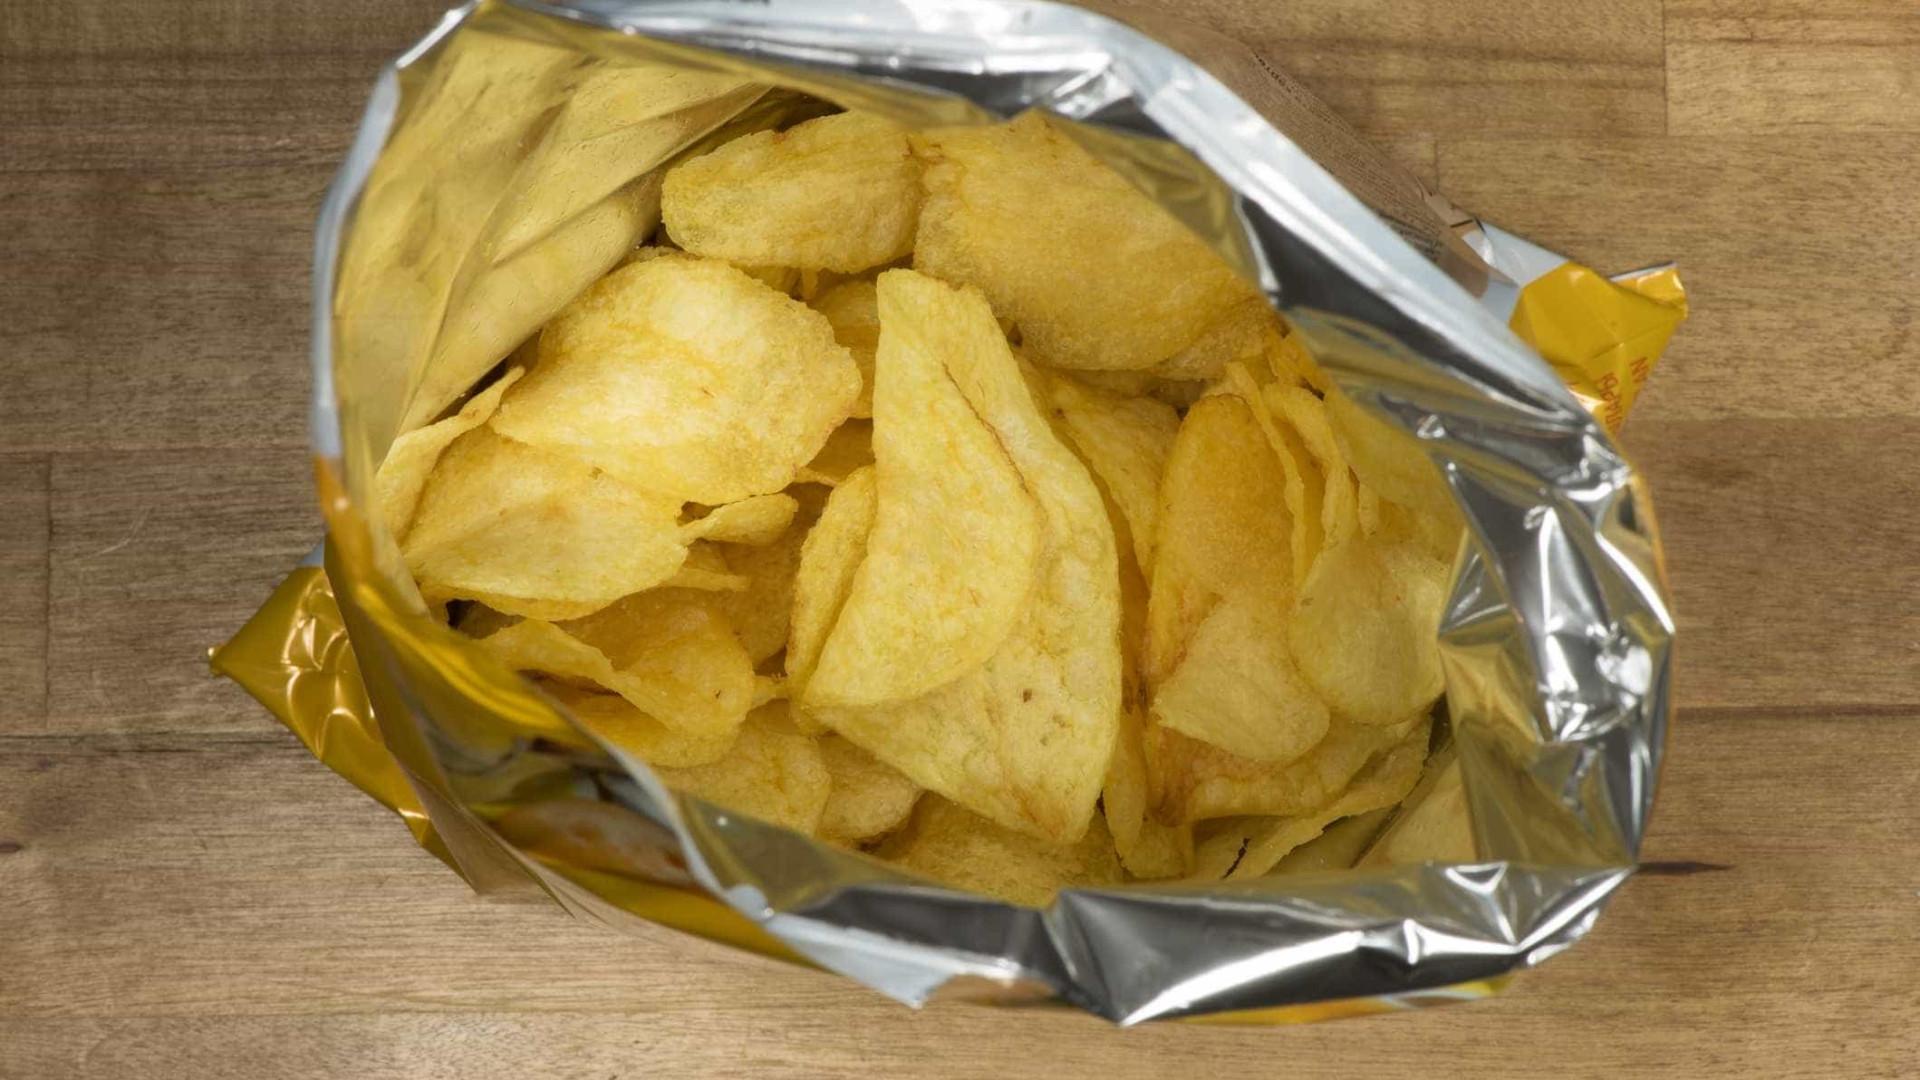 Por que os pacotes de batatas fritas nunca são cheios até o topo?